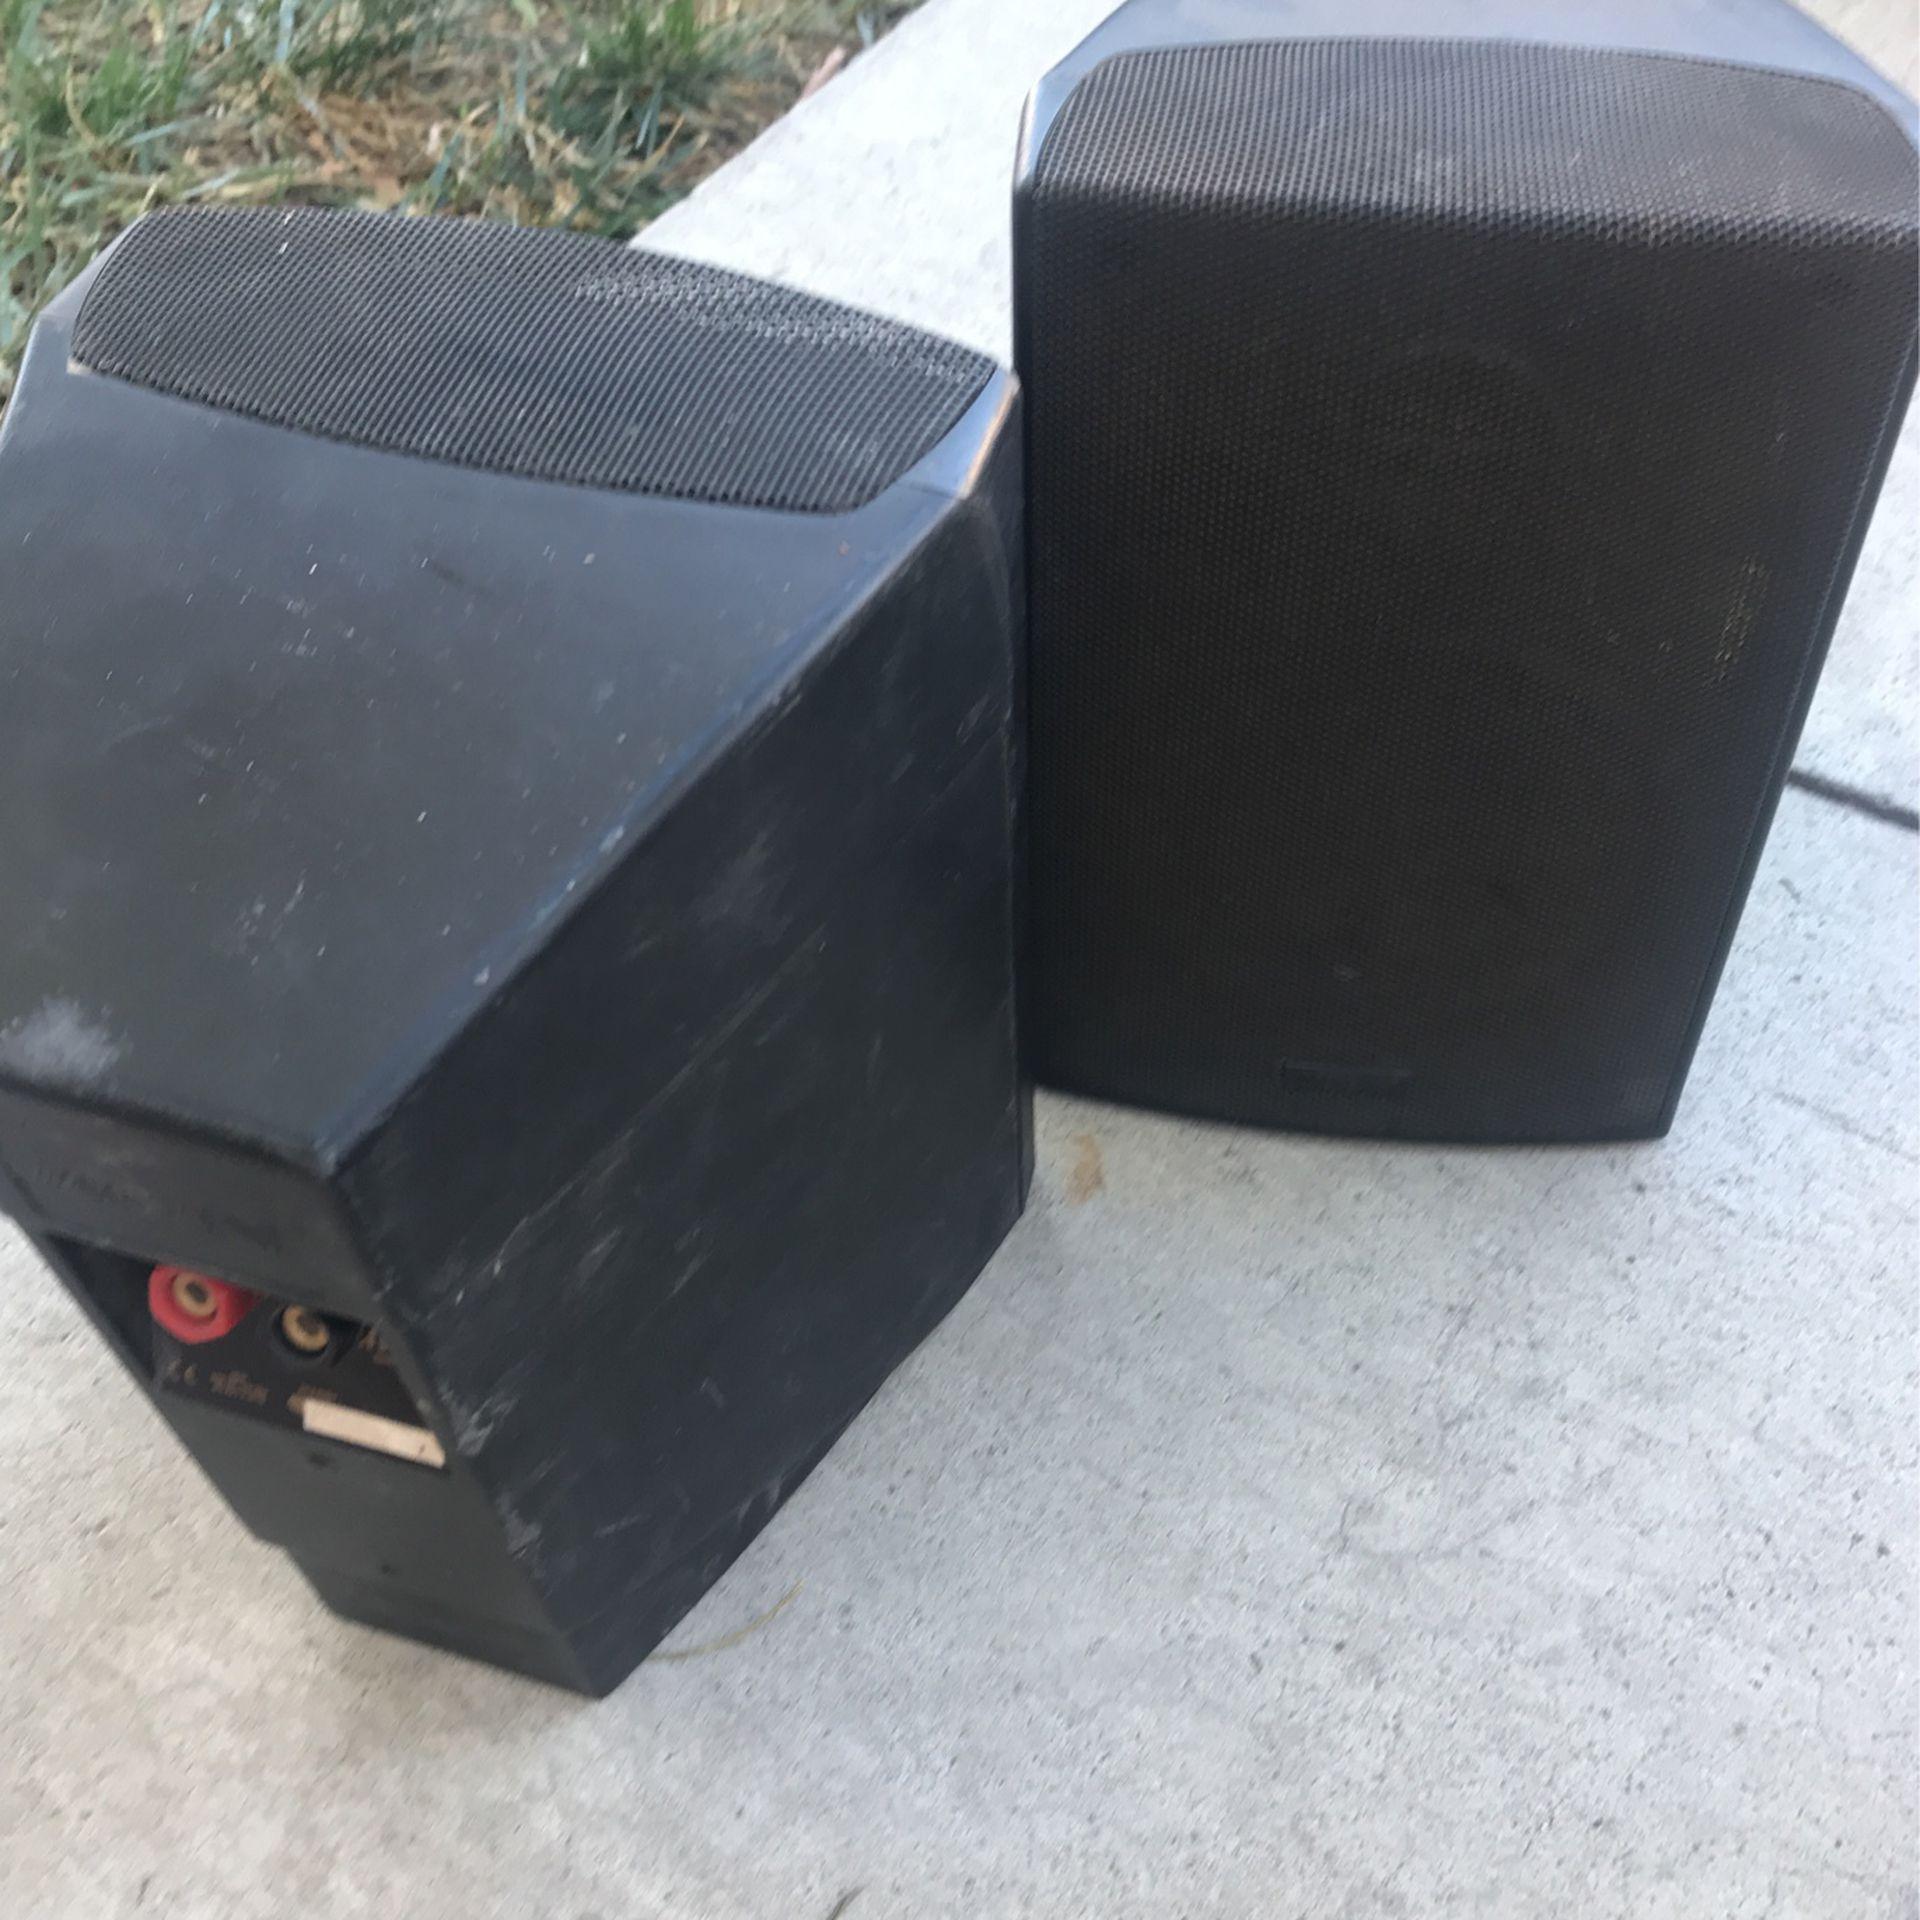 Advent Speakers Outdoor/Indoor